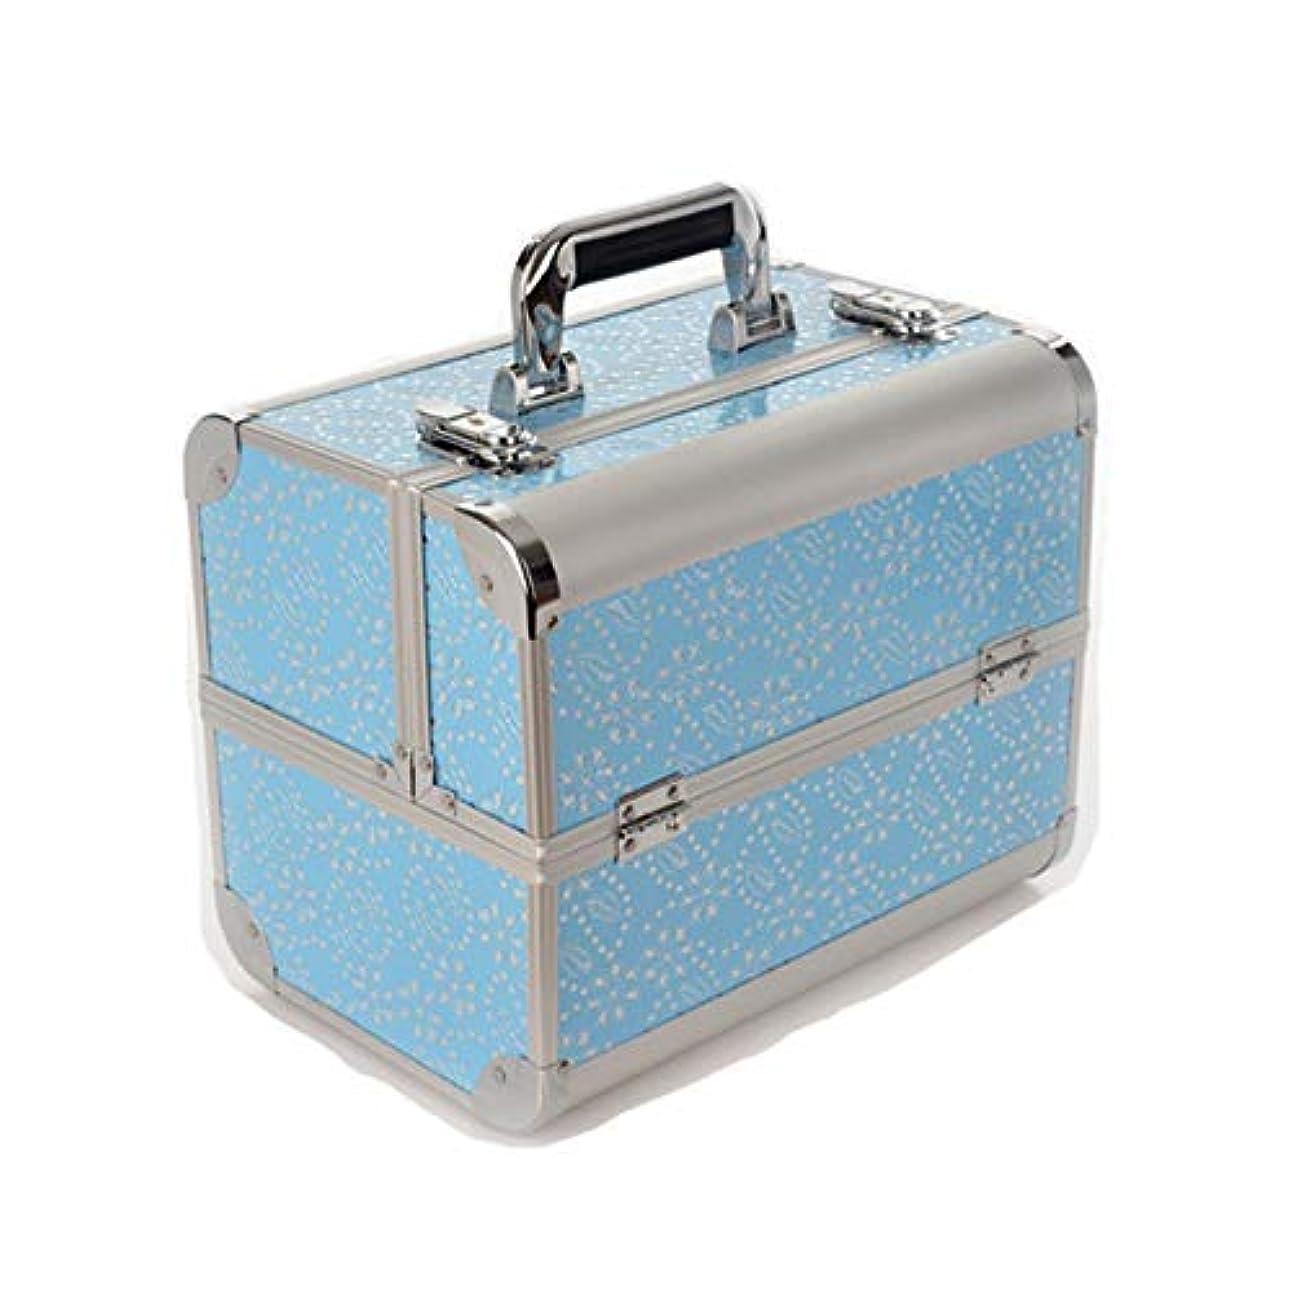 養うハンサム水っぽい特大スペース収納ビューティーボックス 美の構造のためそしてジッパーおよび折る皿が付いている女の子の女性旅行そして毎日の貯蔵のための高容量の携帯用化粧品袋 化粧品化粧台 (色 : 青)